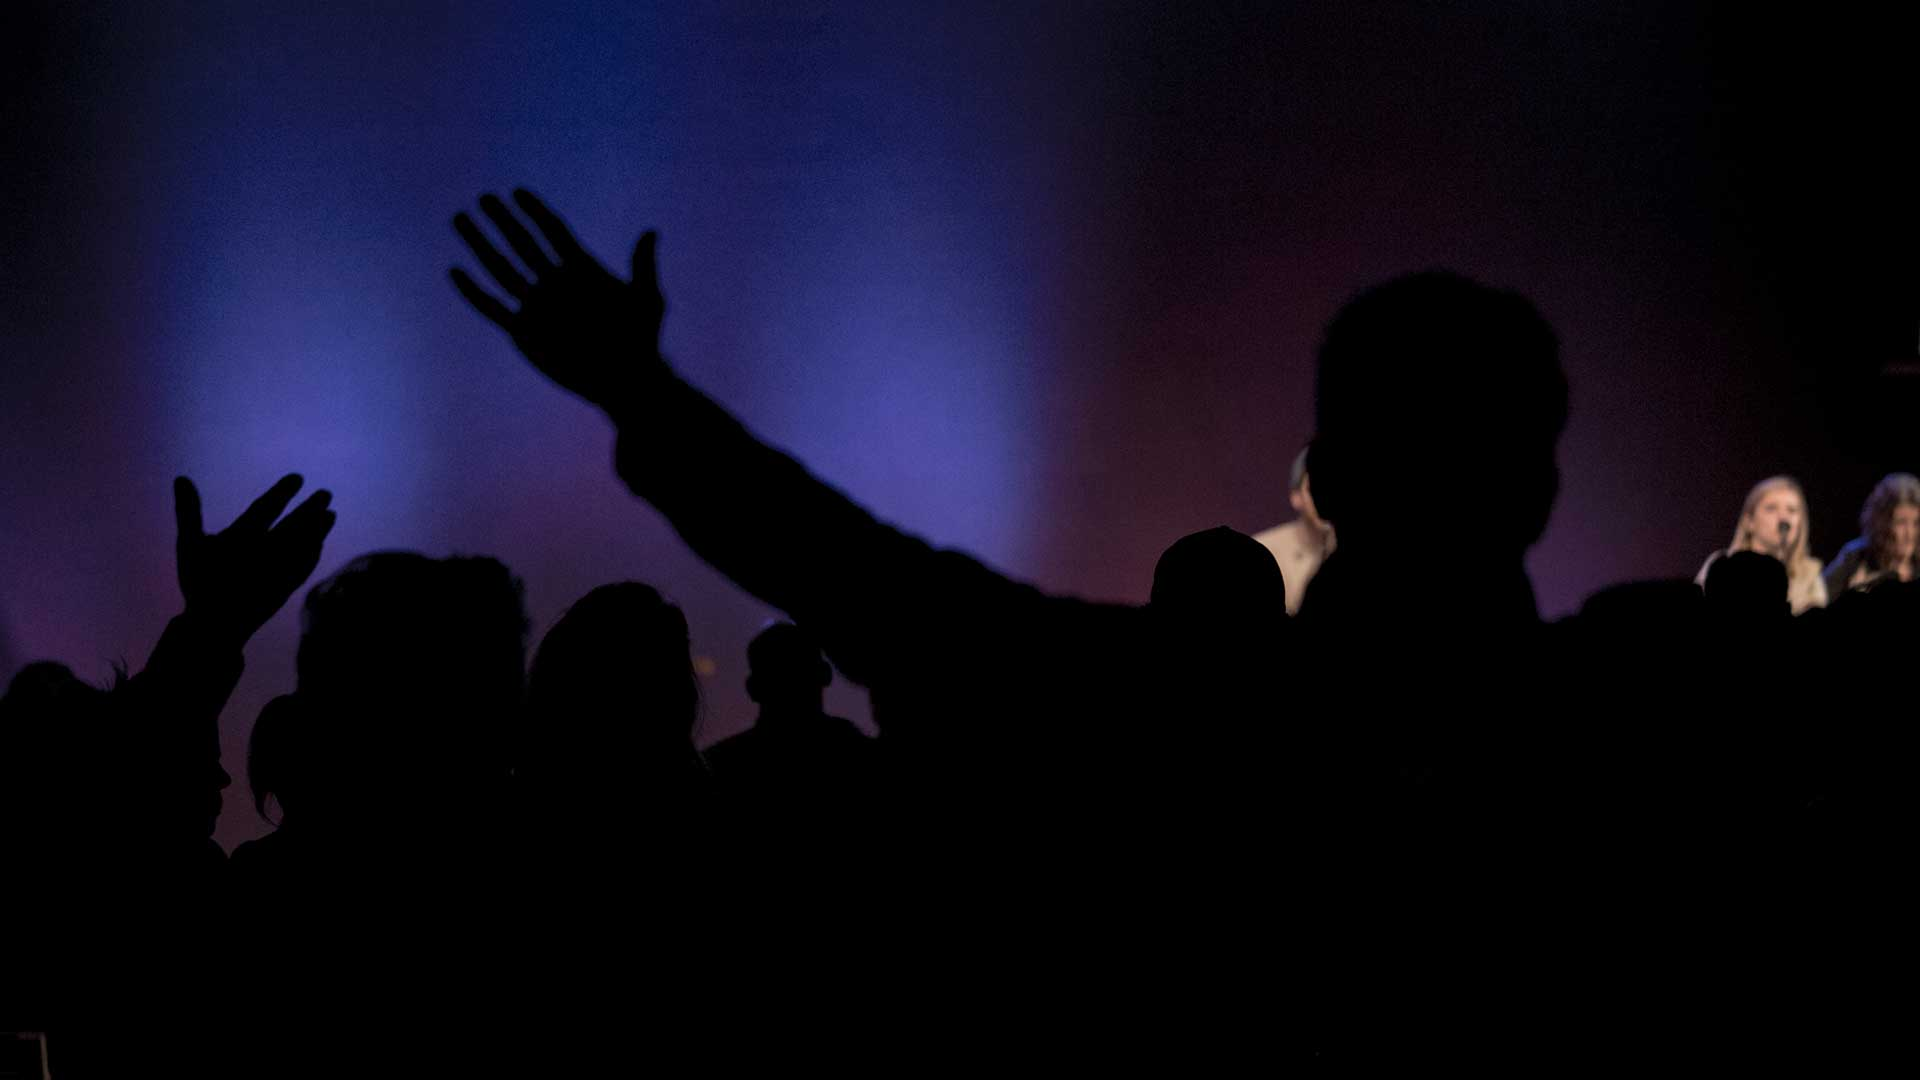 - Worship